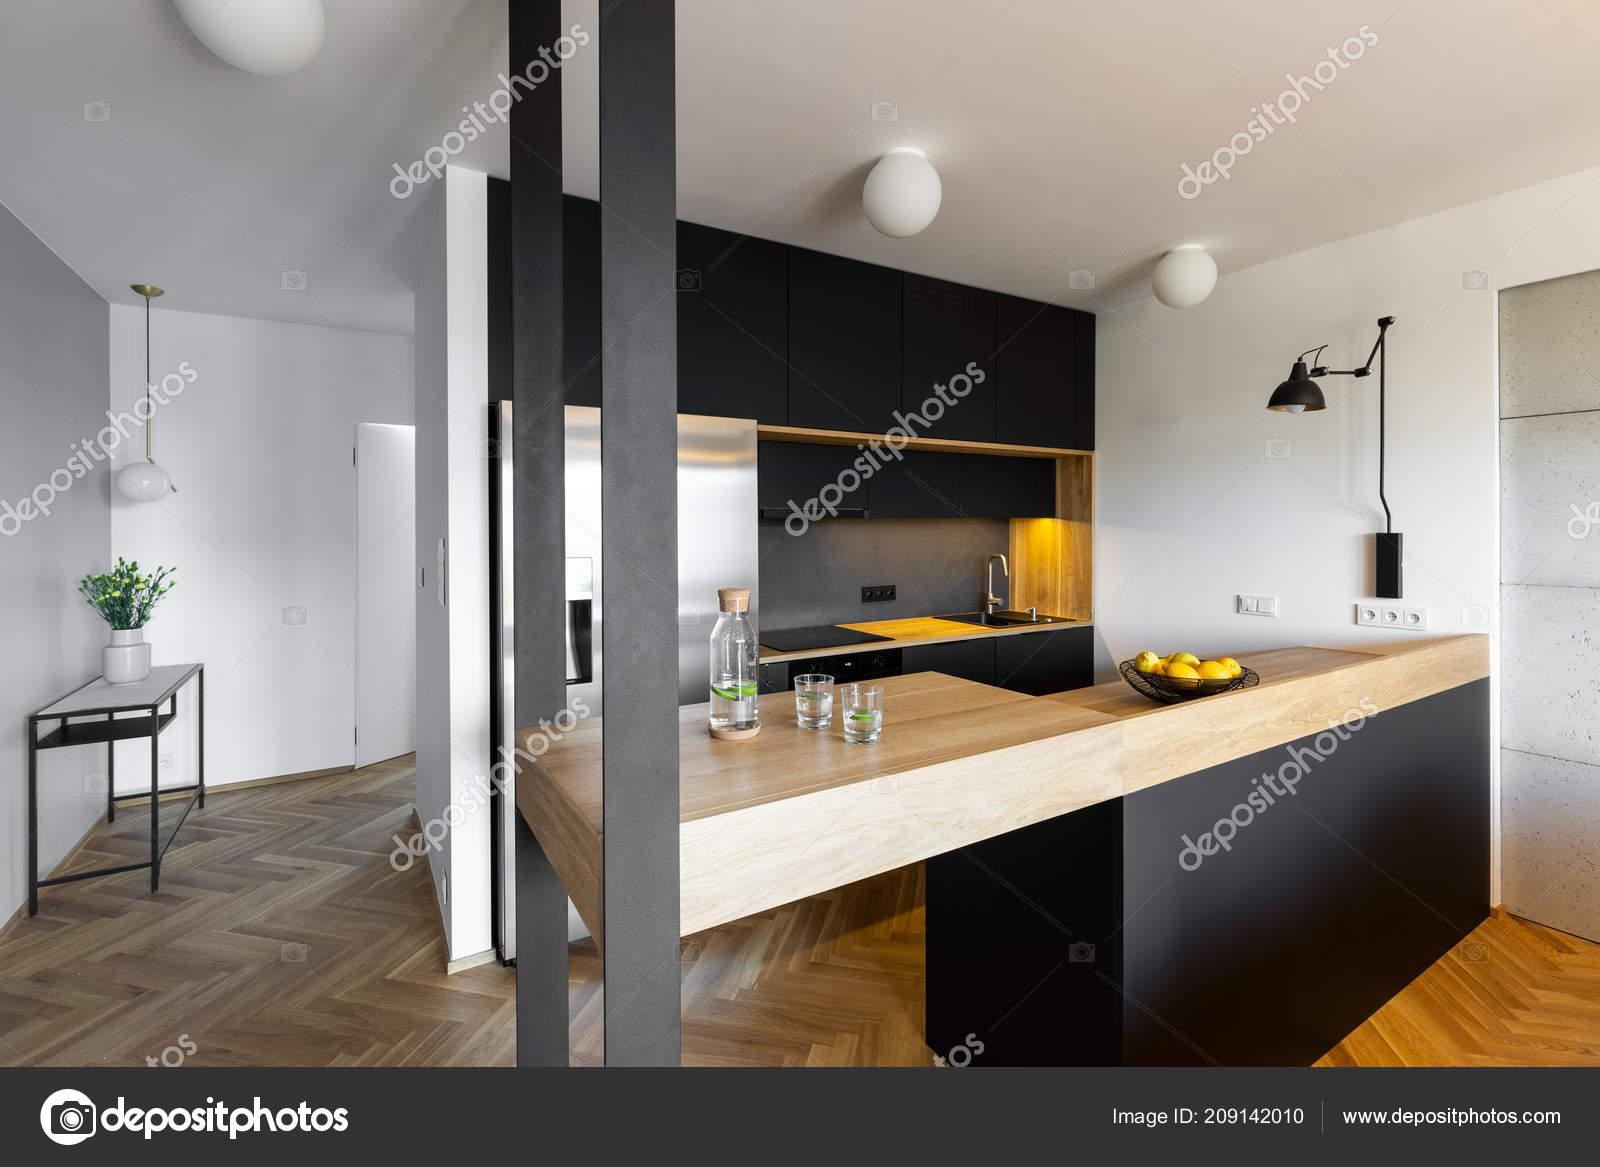 Plan Travail Beige Interieur Cuisine Noir Blanc Maison Avec Des